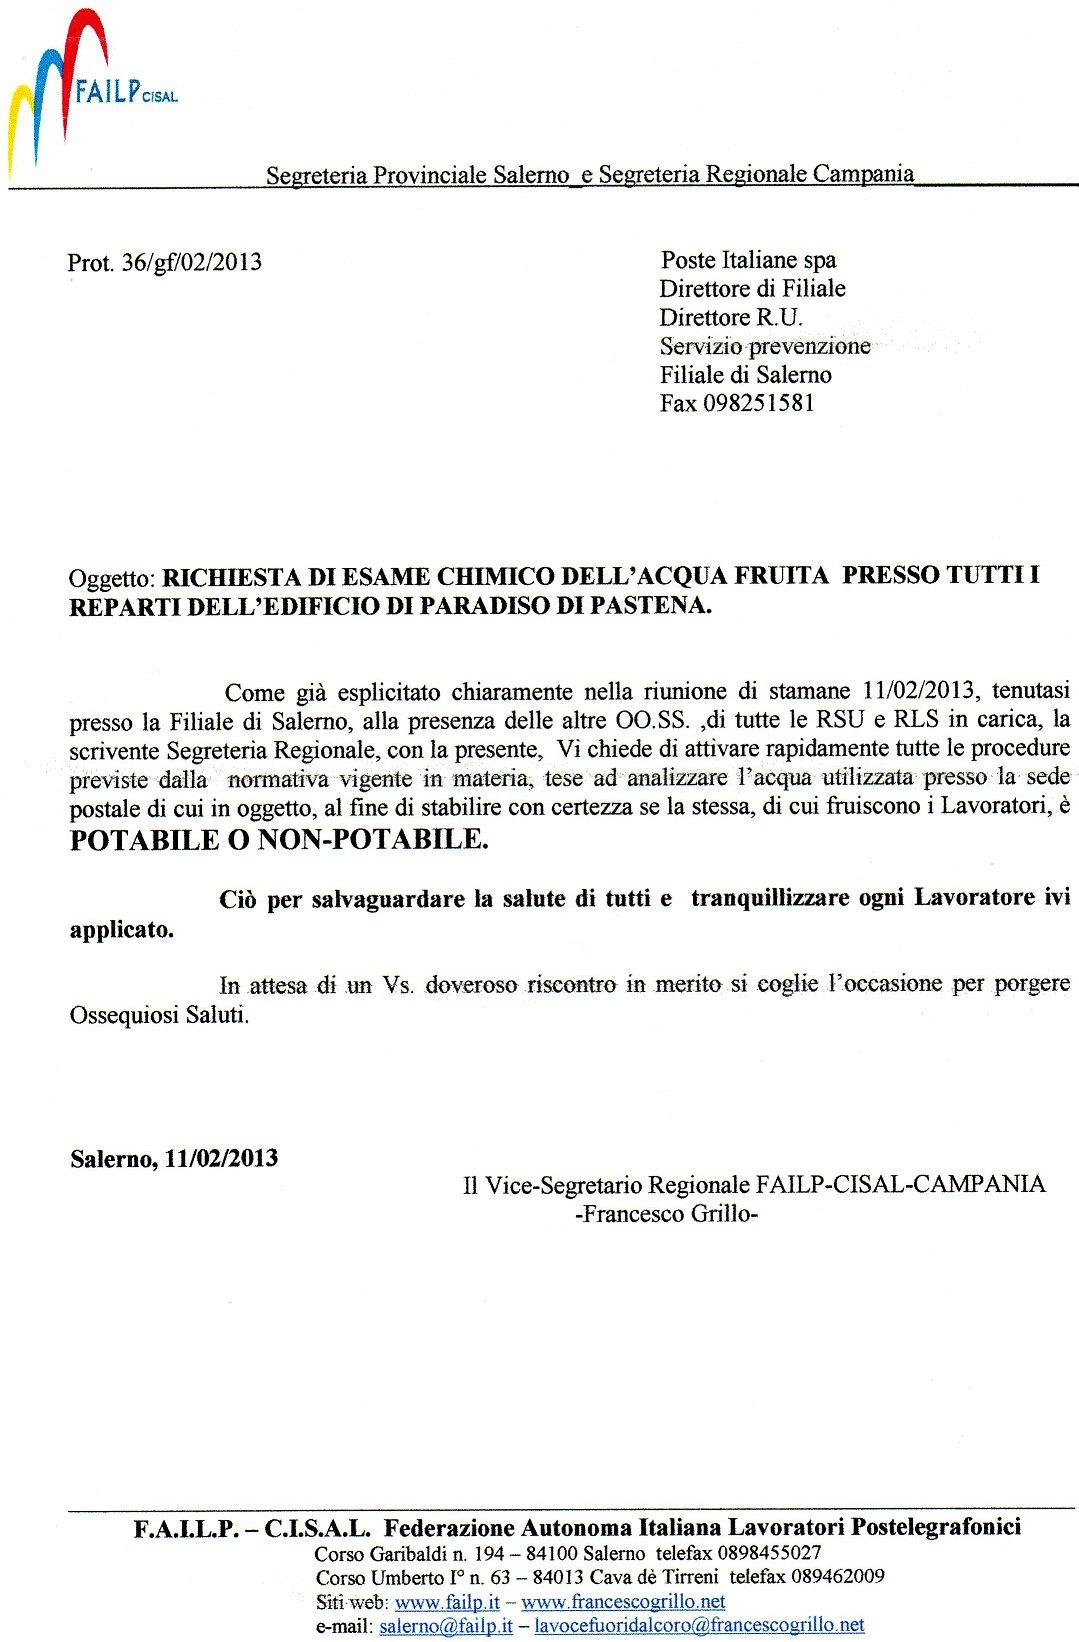 Francesco Grillo - L'informazione dalla parte dei lavoratori